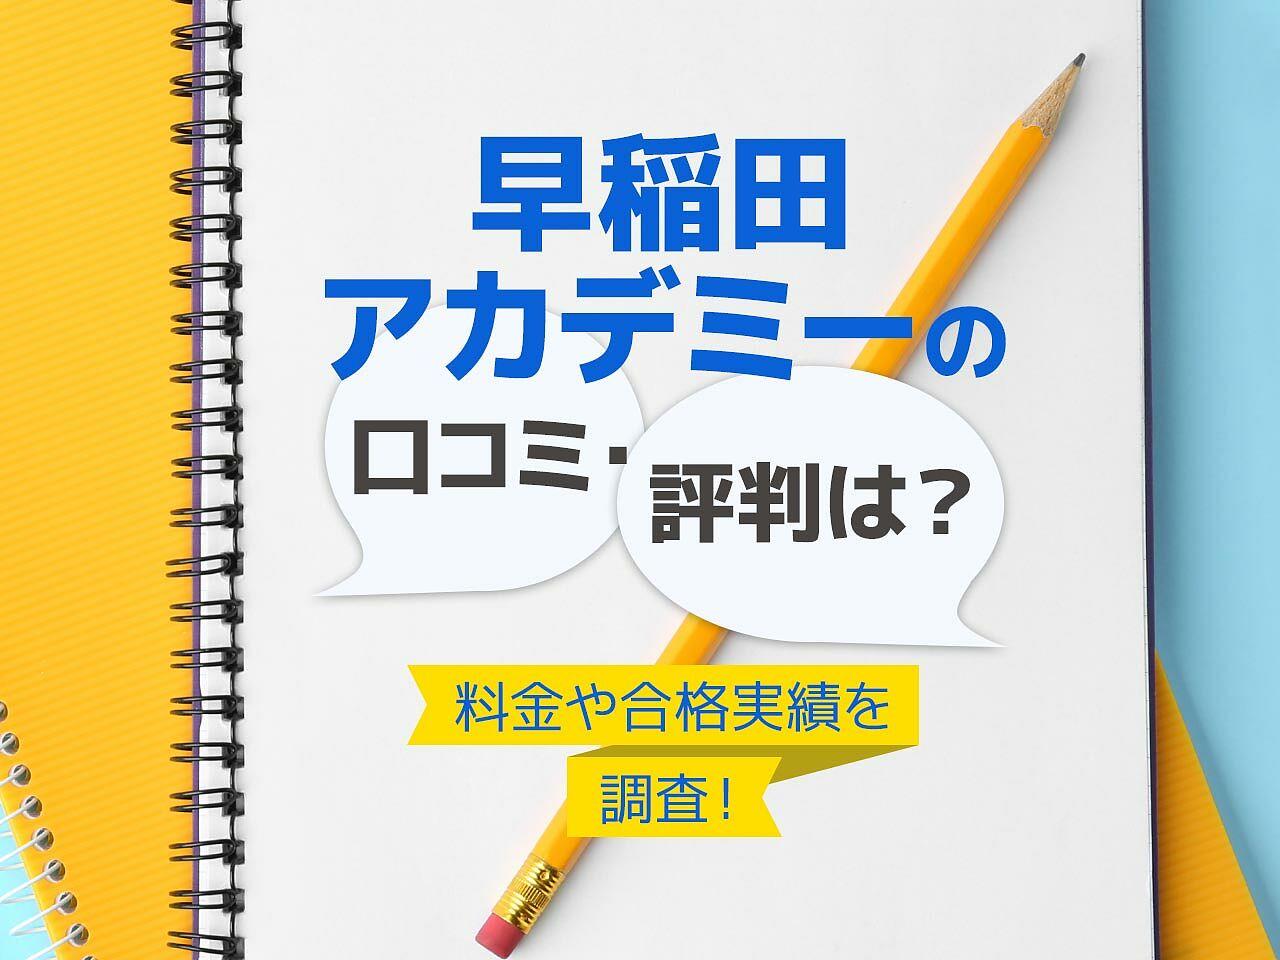 早稲田アカデミーの評判・口コミは本当?料金や合格実績などを徹底調査!の画像